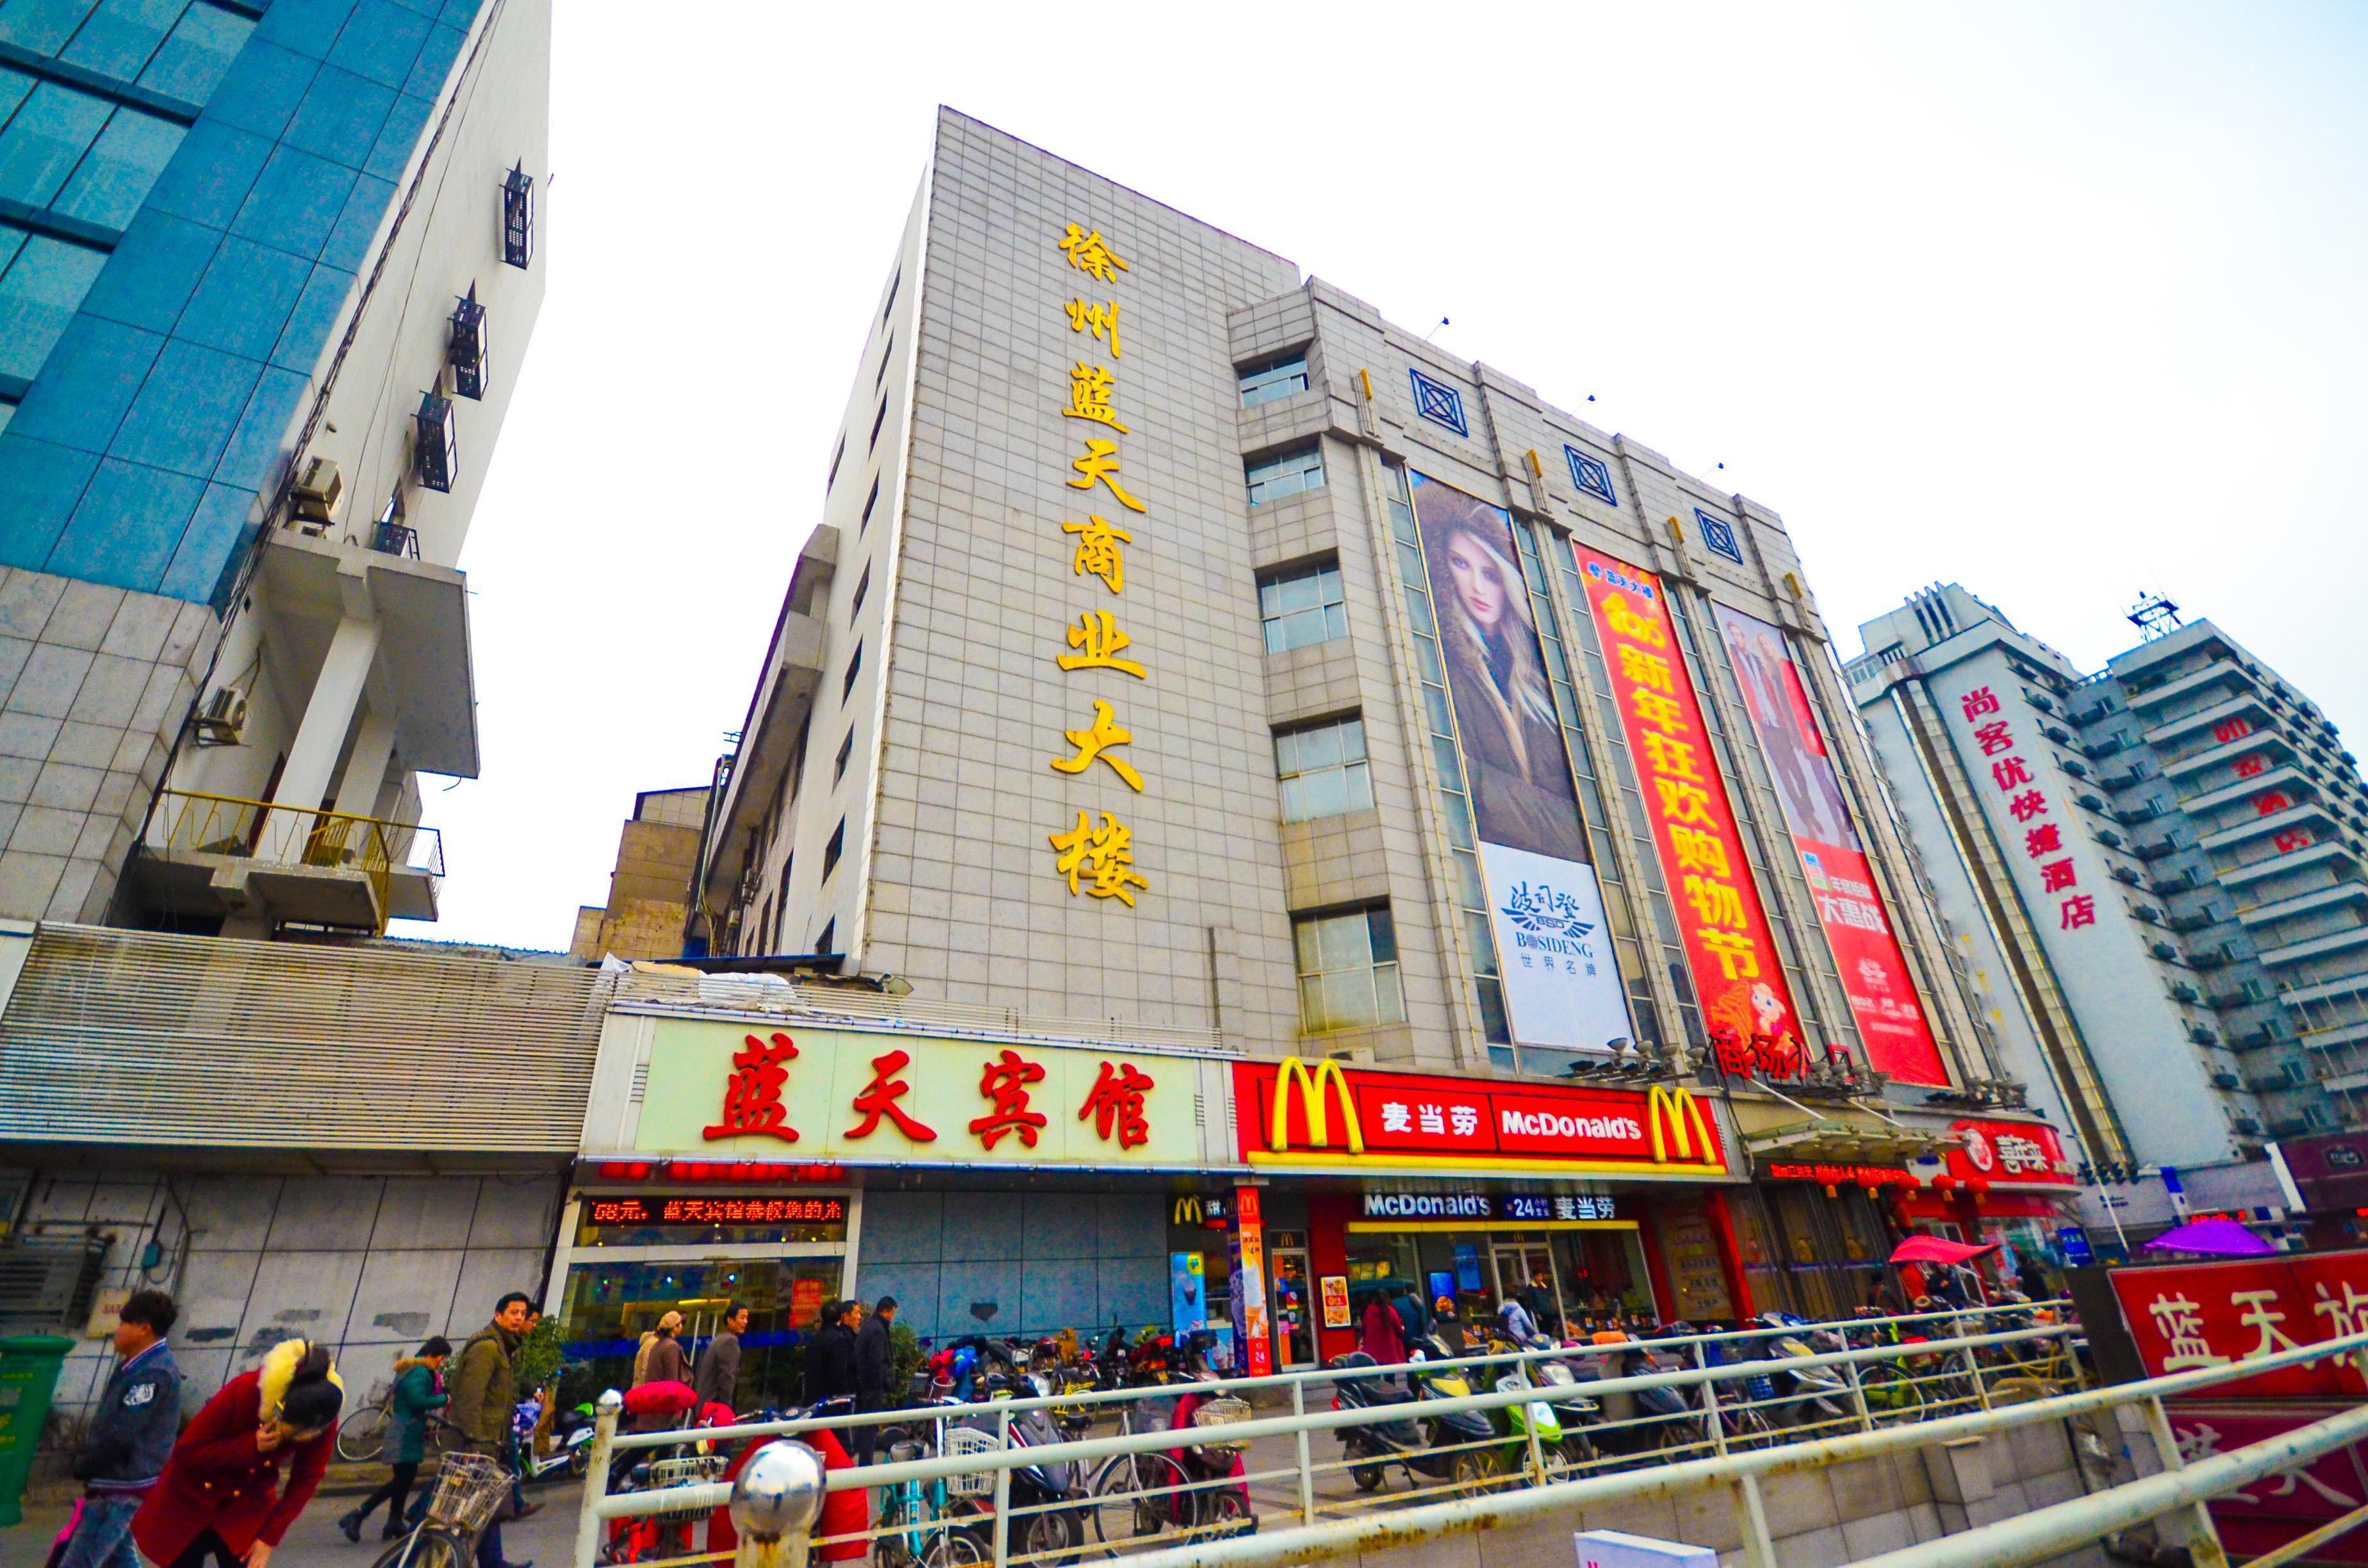 常州火车站附近宾馆_徐州火车站附近的便宜旅馆-_补肾参考网